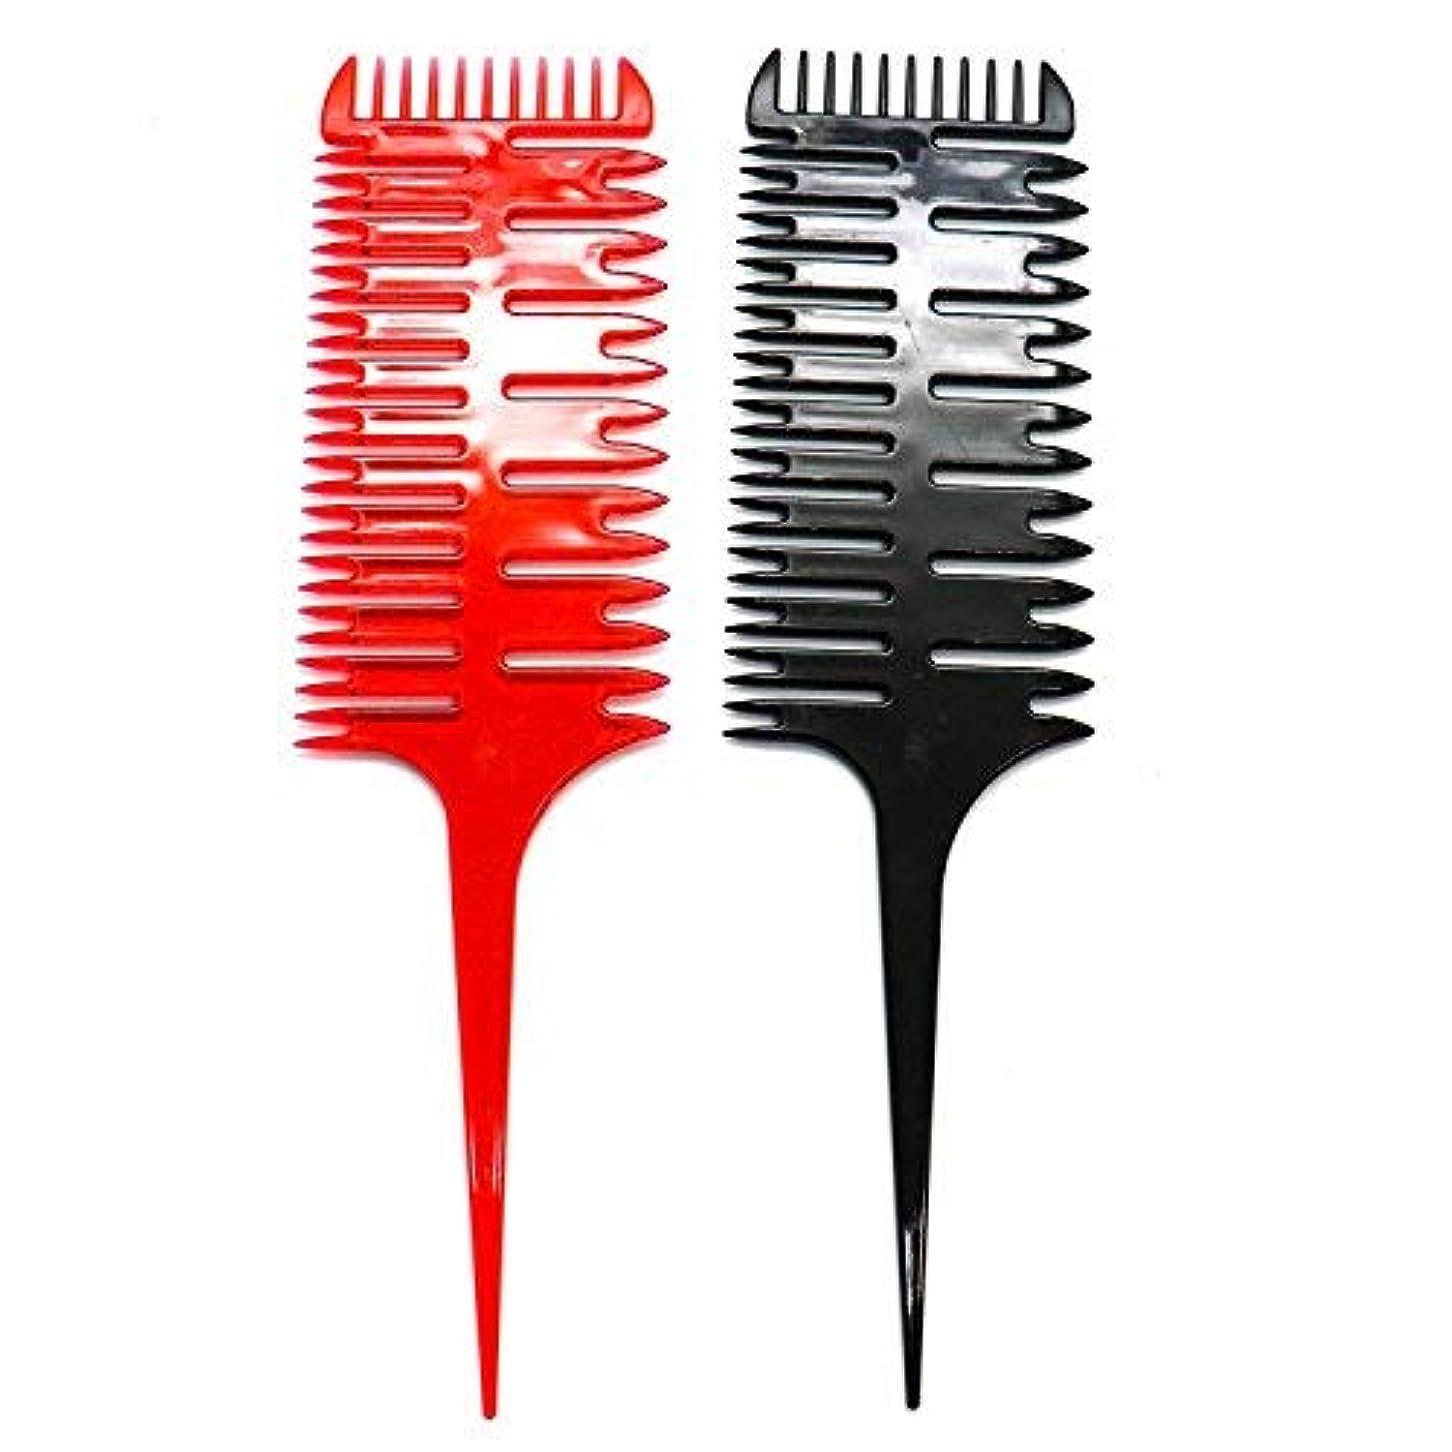 たとえ平日力学HUELE 2 Pcs Professional 3-Way Hair Combs Weaving & Sectioning Foiling Comb for Hair Black+Red [並行輸入品]